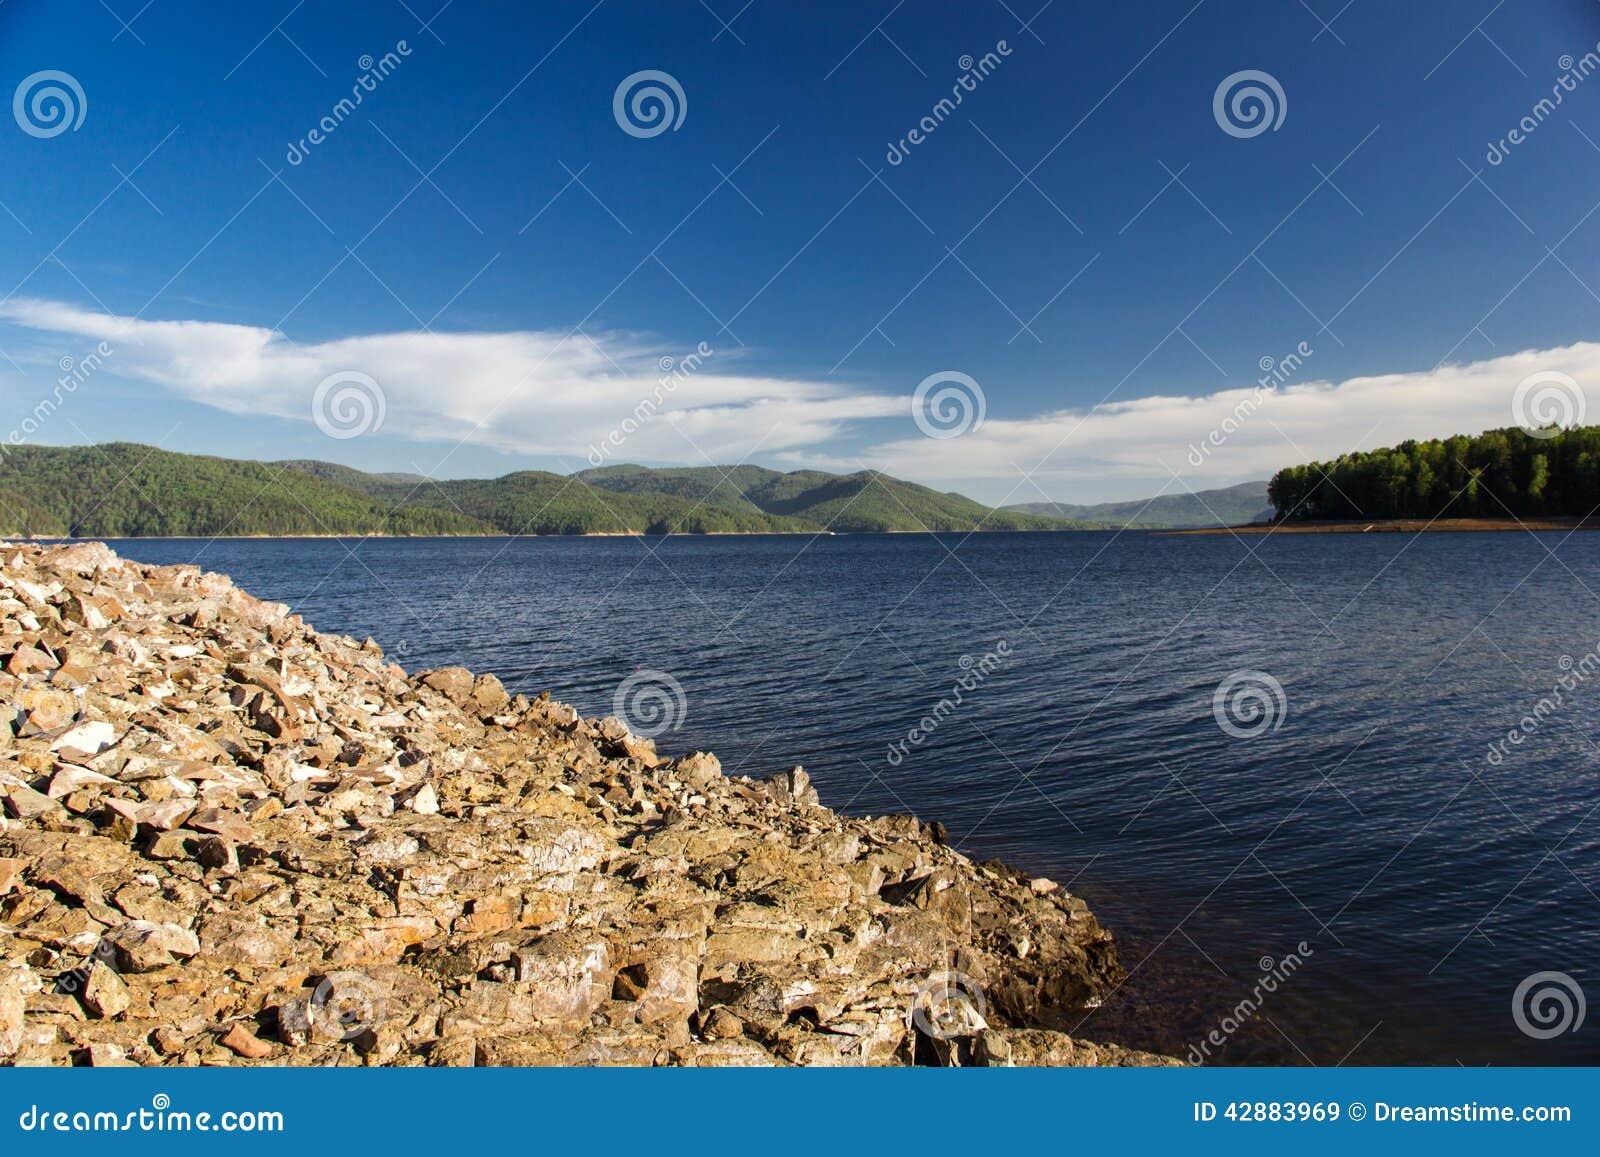 Πέτρες στον ποταμό Enisey